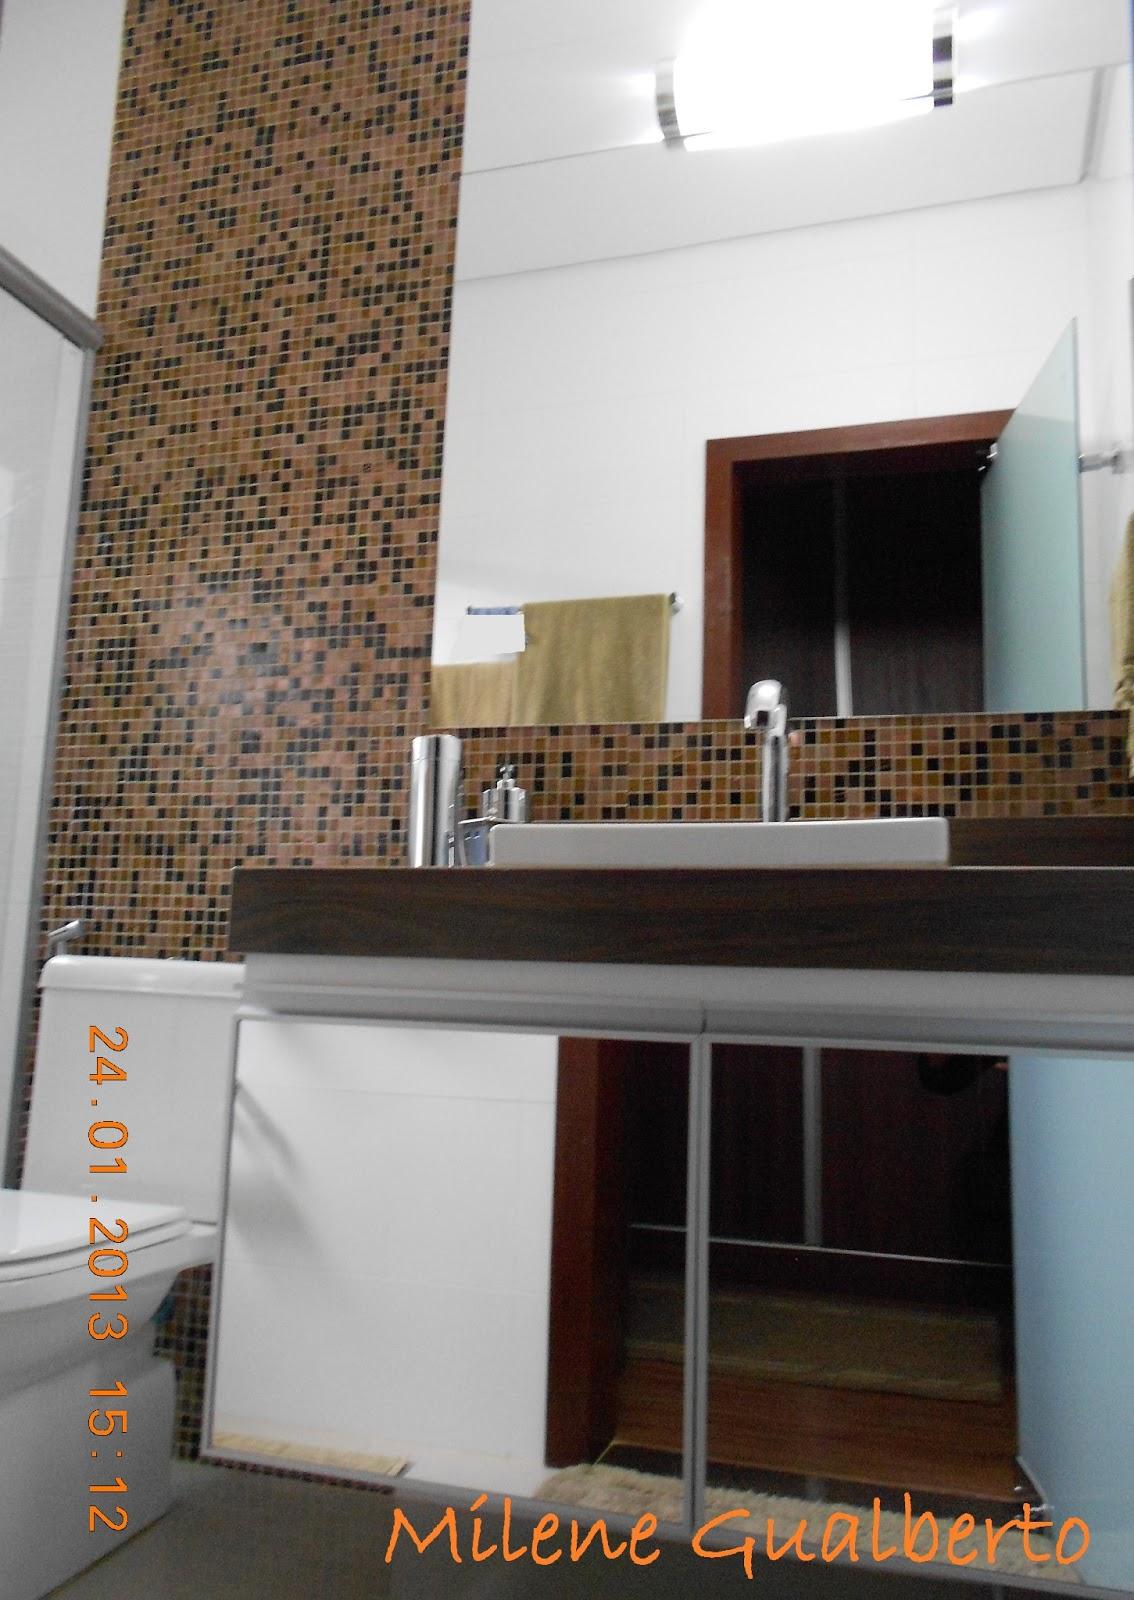 Banheiro Bancada porcelanato madeira  Milene Gualberto 05.jpg #A75C24 1134x1600 Banheiro Bancada Porcelanato